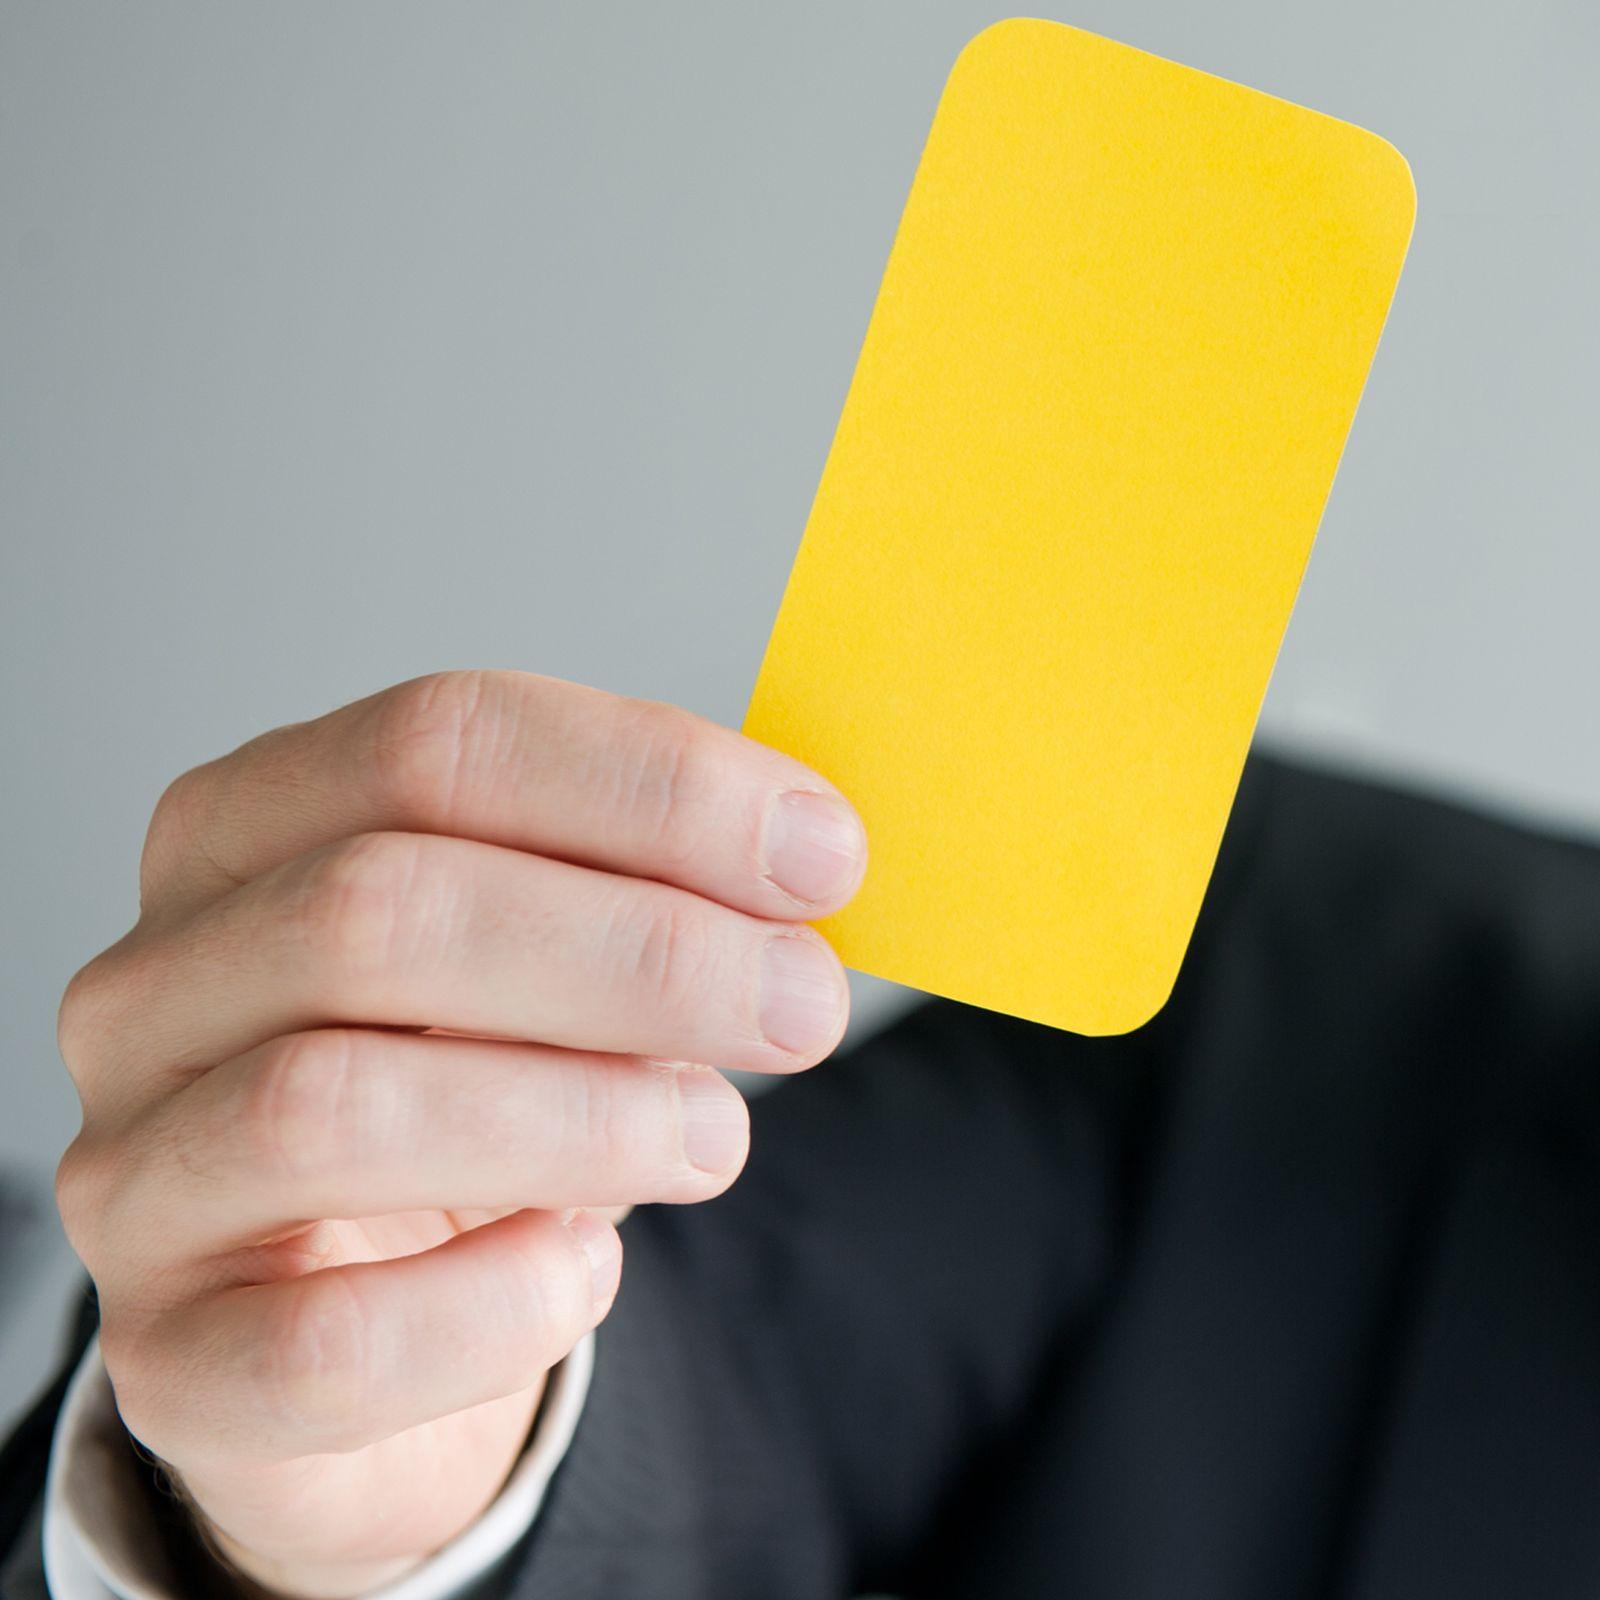 EINMALIGE VERWENDUNG KaSP Gelbe Karte - Eine Abmahnung kann die Vorstufe zur Kündigung sein